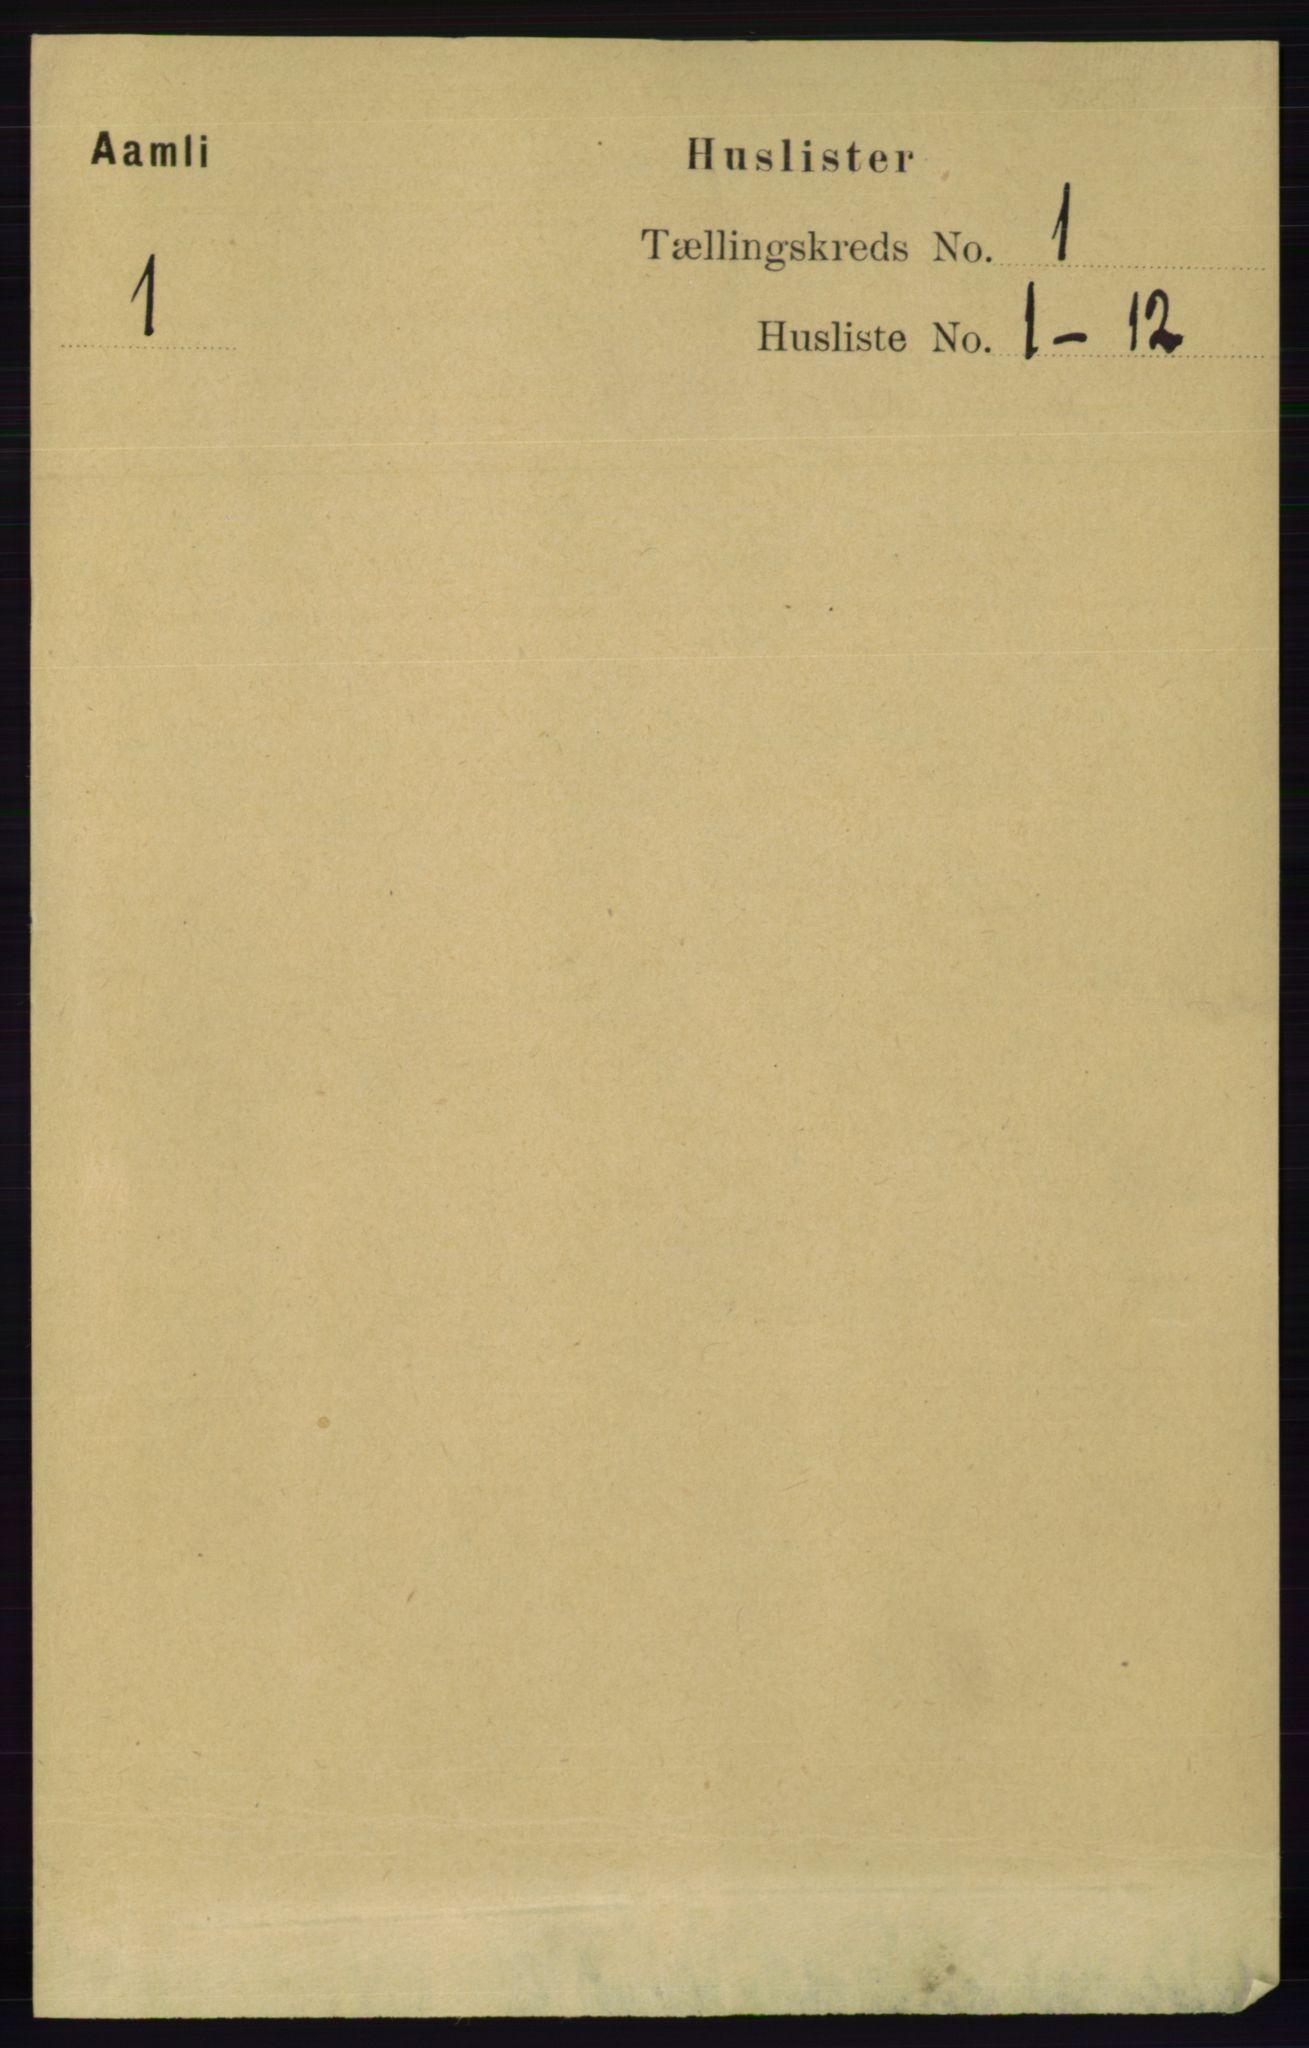 RA, Folketelling 1891 for 0929 Åmli herred, 1891, s. 44